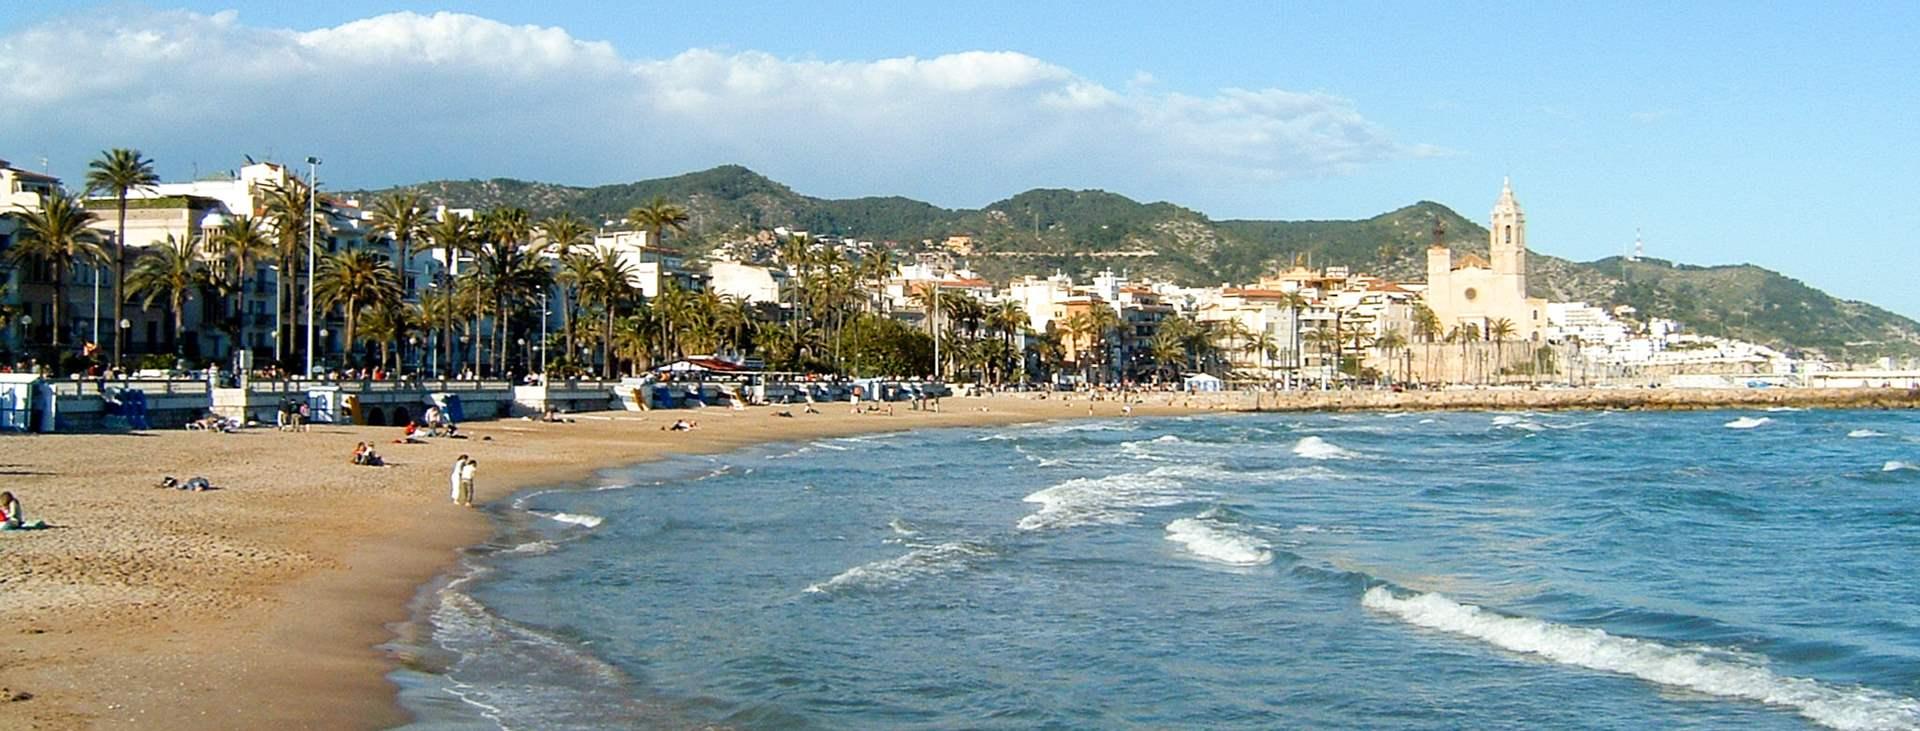 Sitges, Costa Doradan rannikkoalueella, on todellinen herkkusuiden mekka